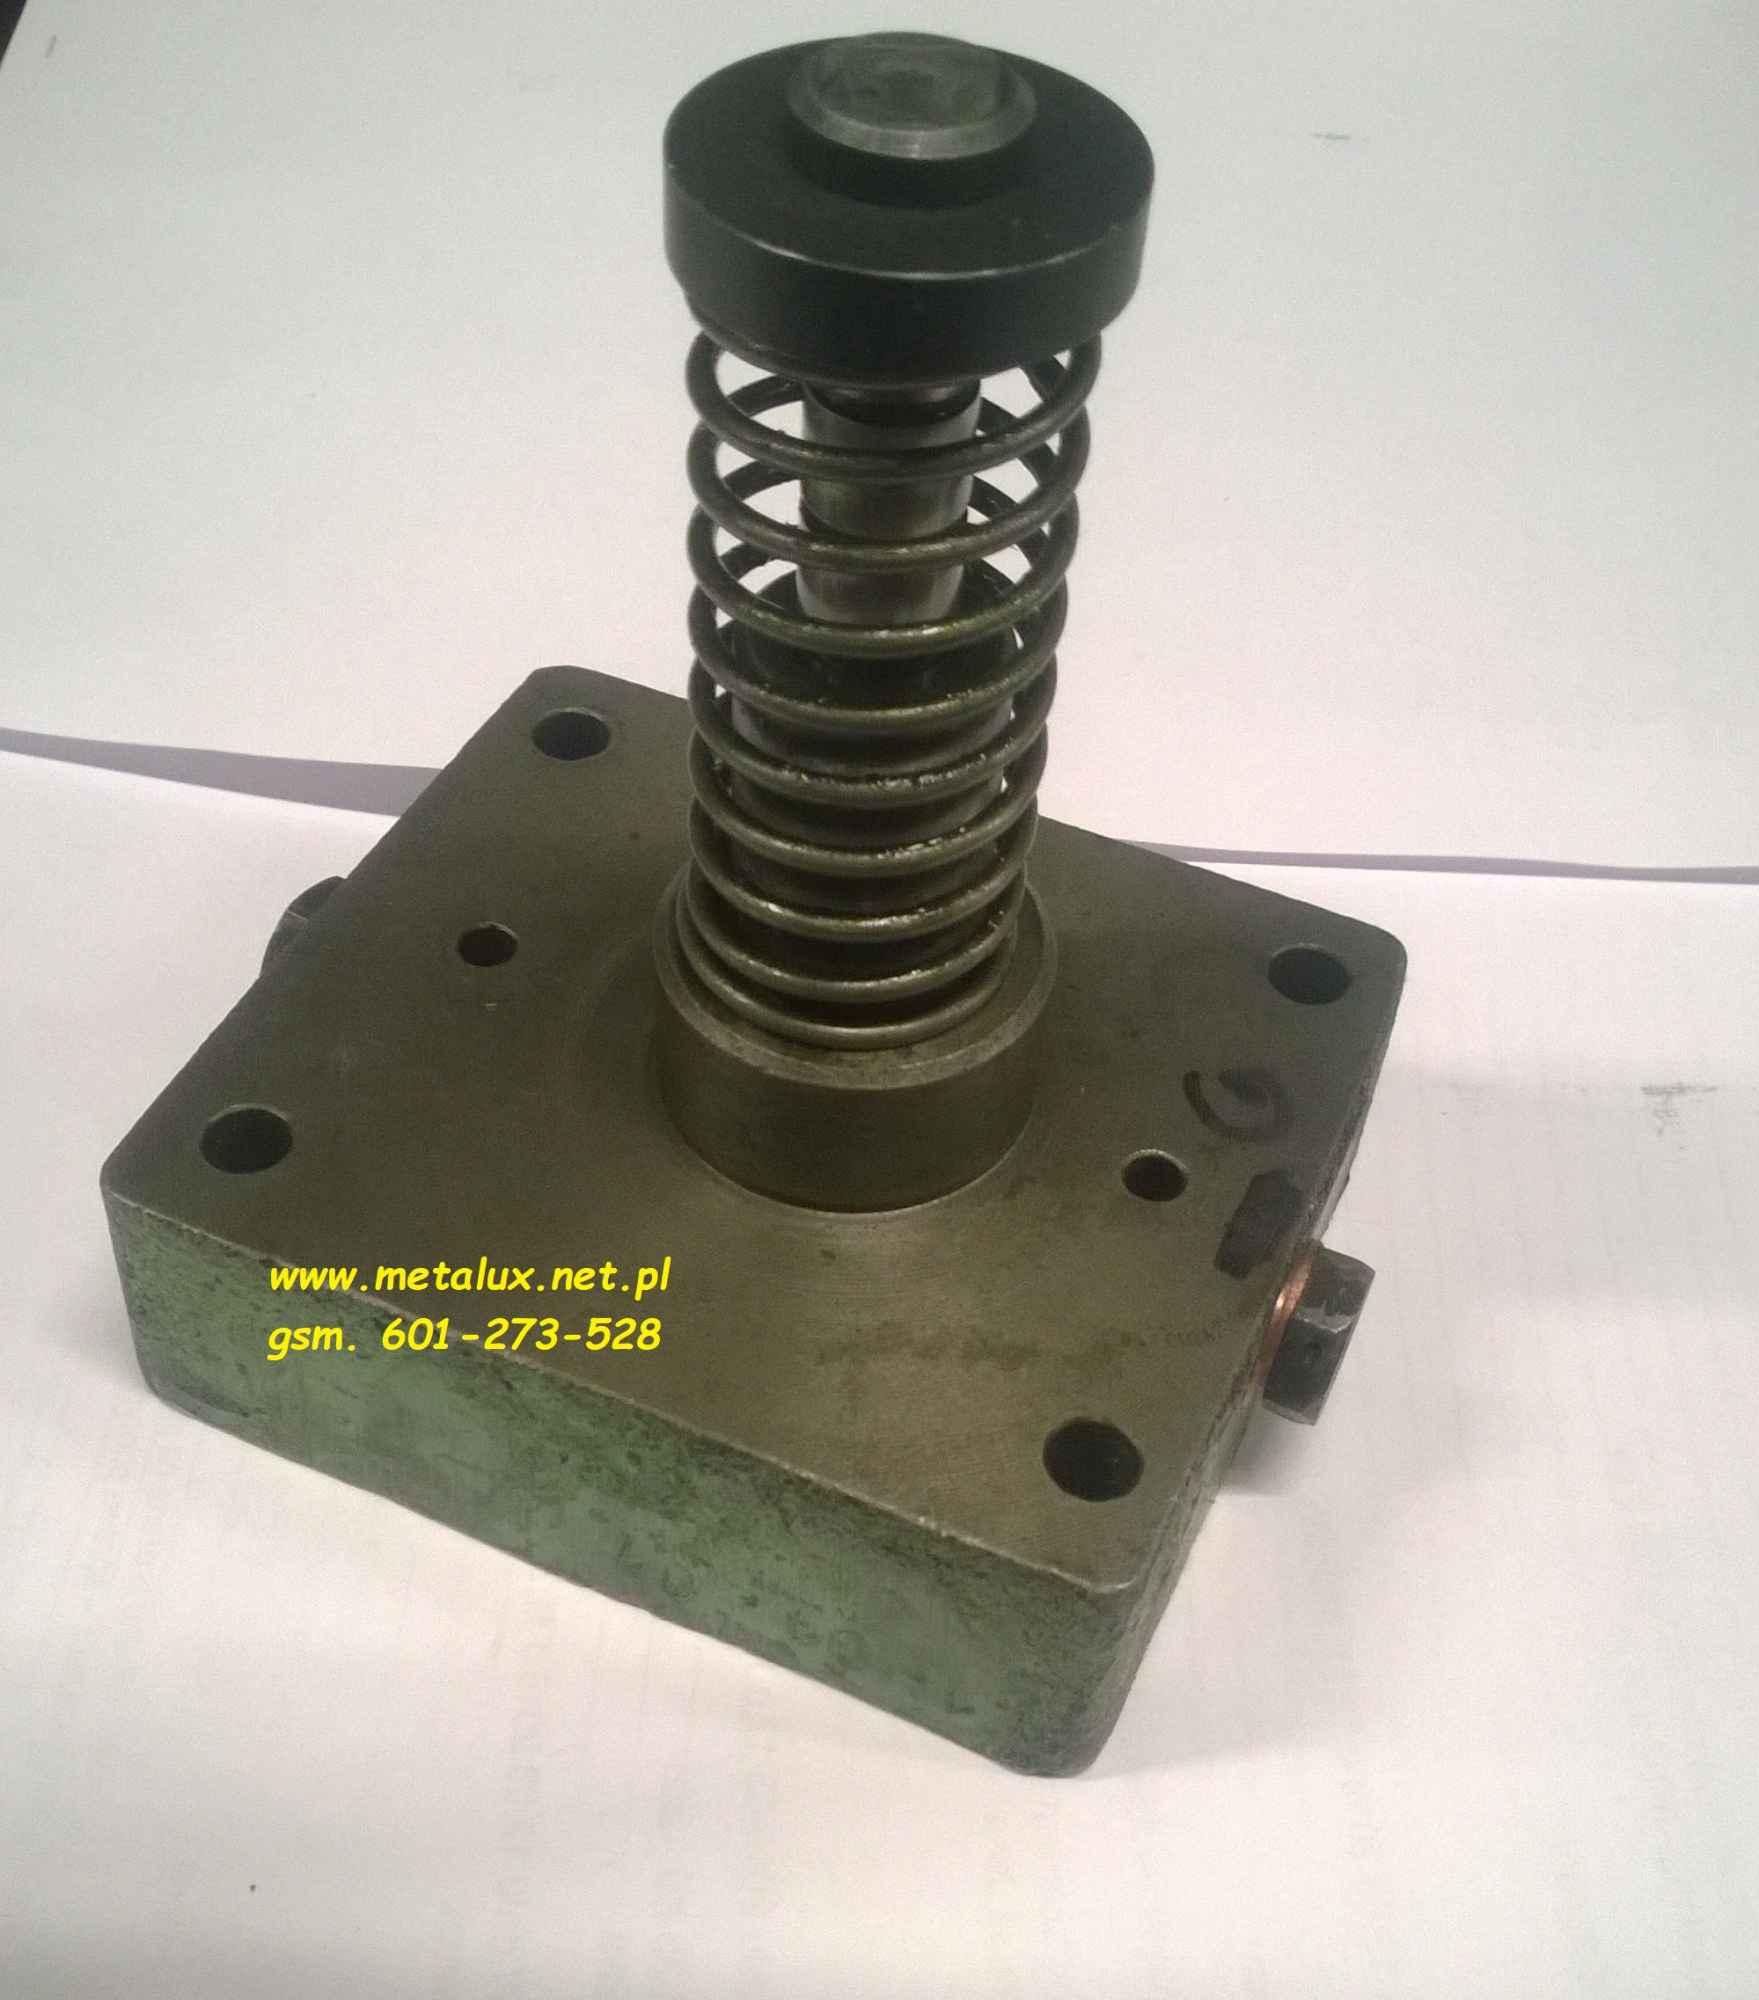 Pompa oleju do tokarki TUJ-48 tel.601273528 Syców - zdjęcie 1